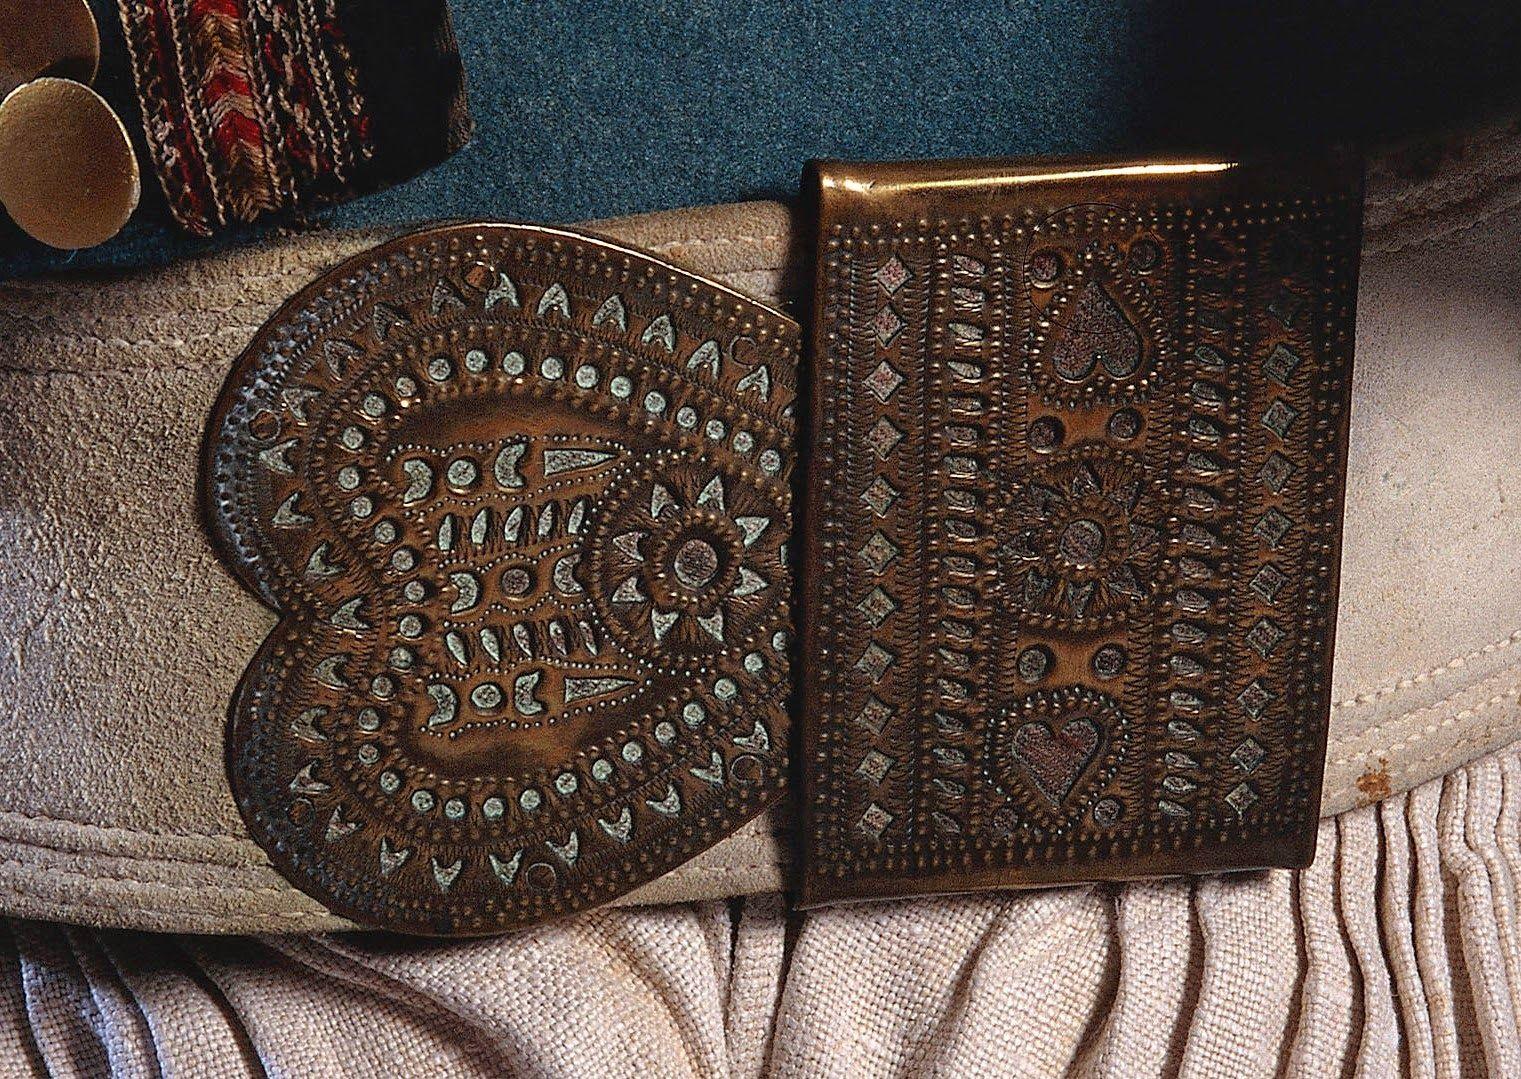 078213a9a2a4   Gouriz     boucle de ceinture en cuivre et cuir, qui soutenait le    bragoù-braz  , la grande culotte des paysans bretons - Costume masculin  breton de la ...